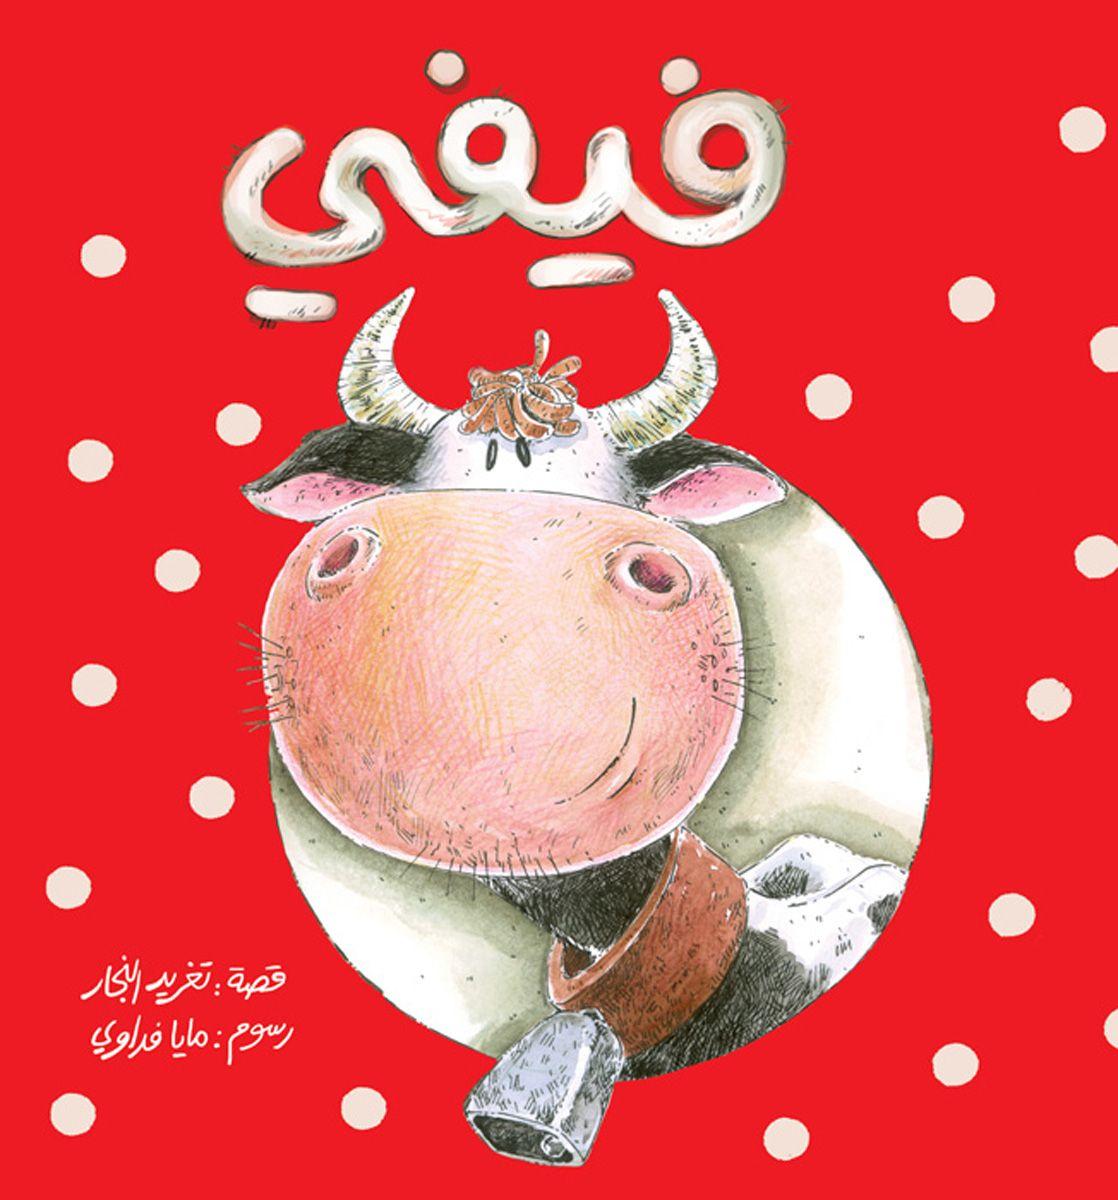 قصة أطفال للثنائي تغريد النجار ومايا فداوي قصة فيفي هي قص ة مكتوبة بطريقة سلسة يسهل على الأطفال تقبل ها وملائمة Kids Story Books Childrens Books Animal Books